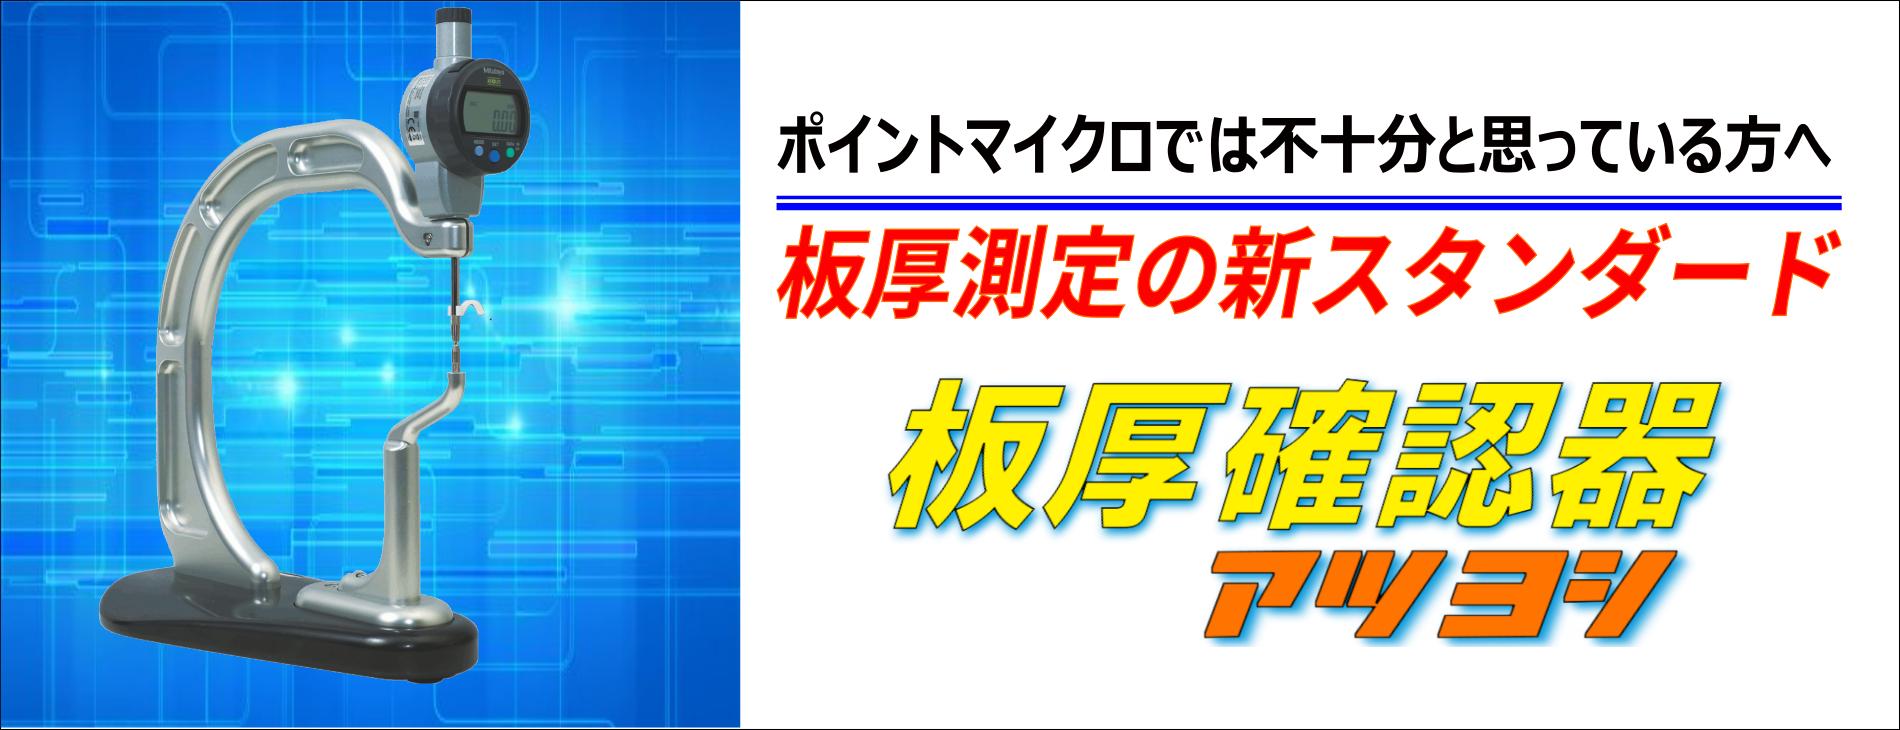 banner_atsuyoshi